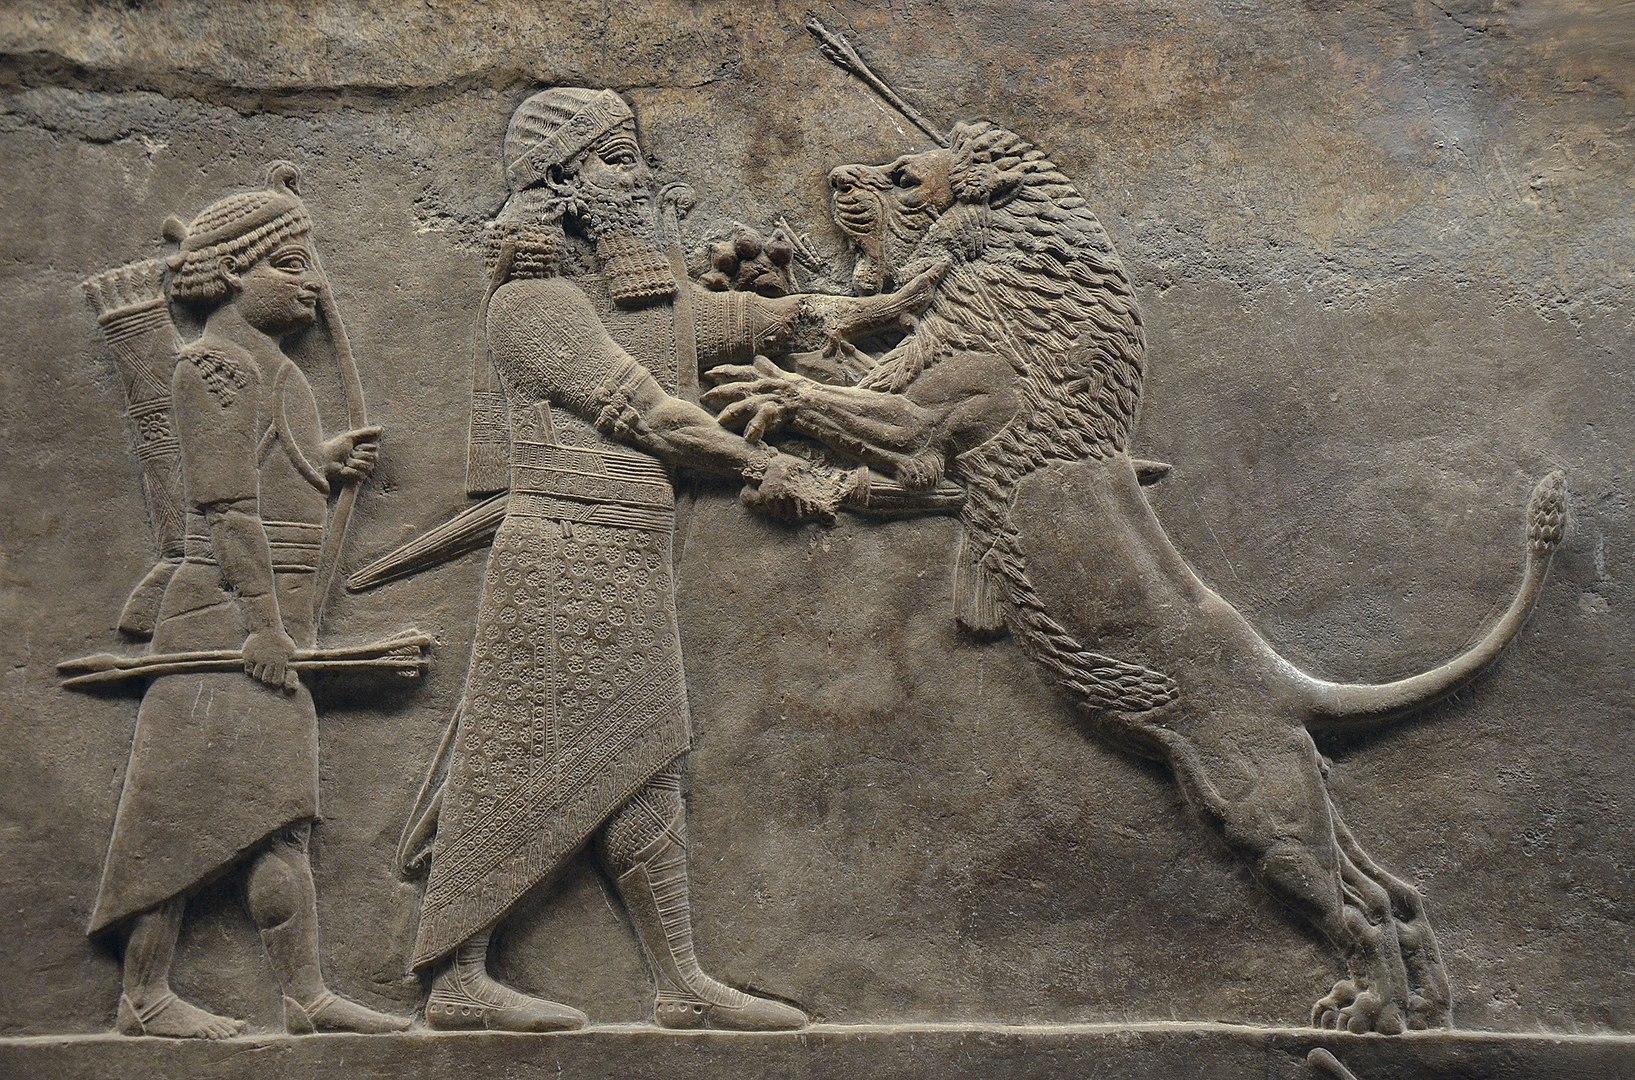 上图:亚述王亚斯那巴(Ashurbanipal,主前669-627年在位)手撕狮子的浮雕,现藏于大英博物馆。